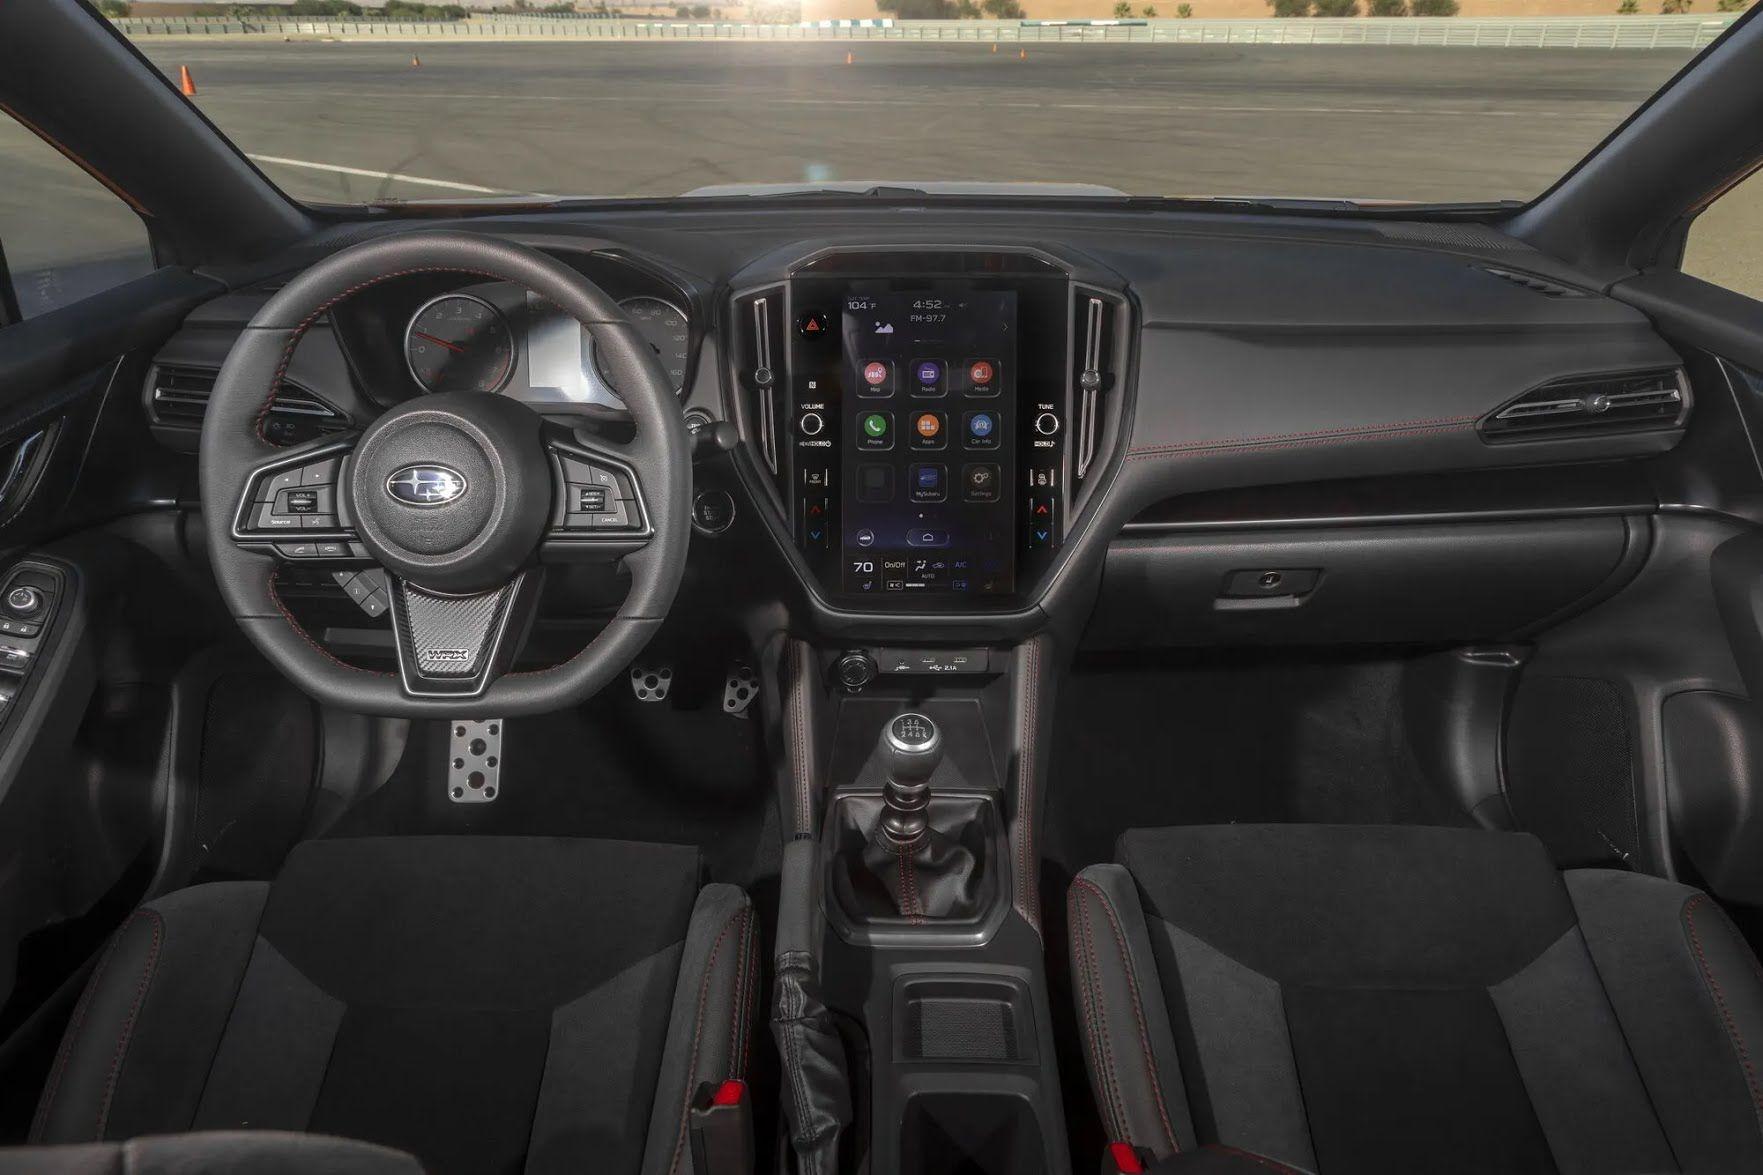 В салоне появилась новая мультимедийная система Subaru Starlink с 11,6-дюймовым сенсорным дисплеем